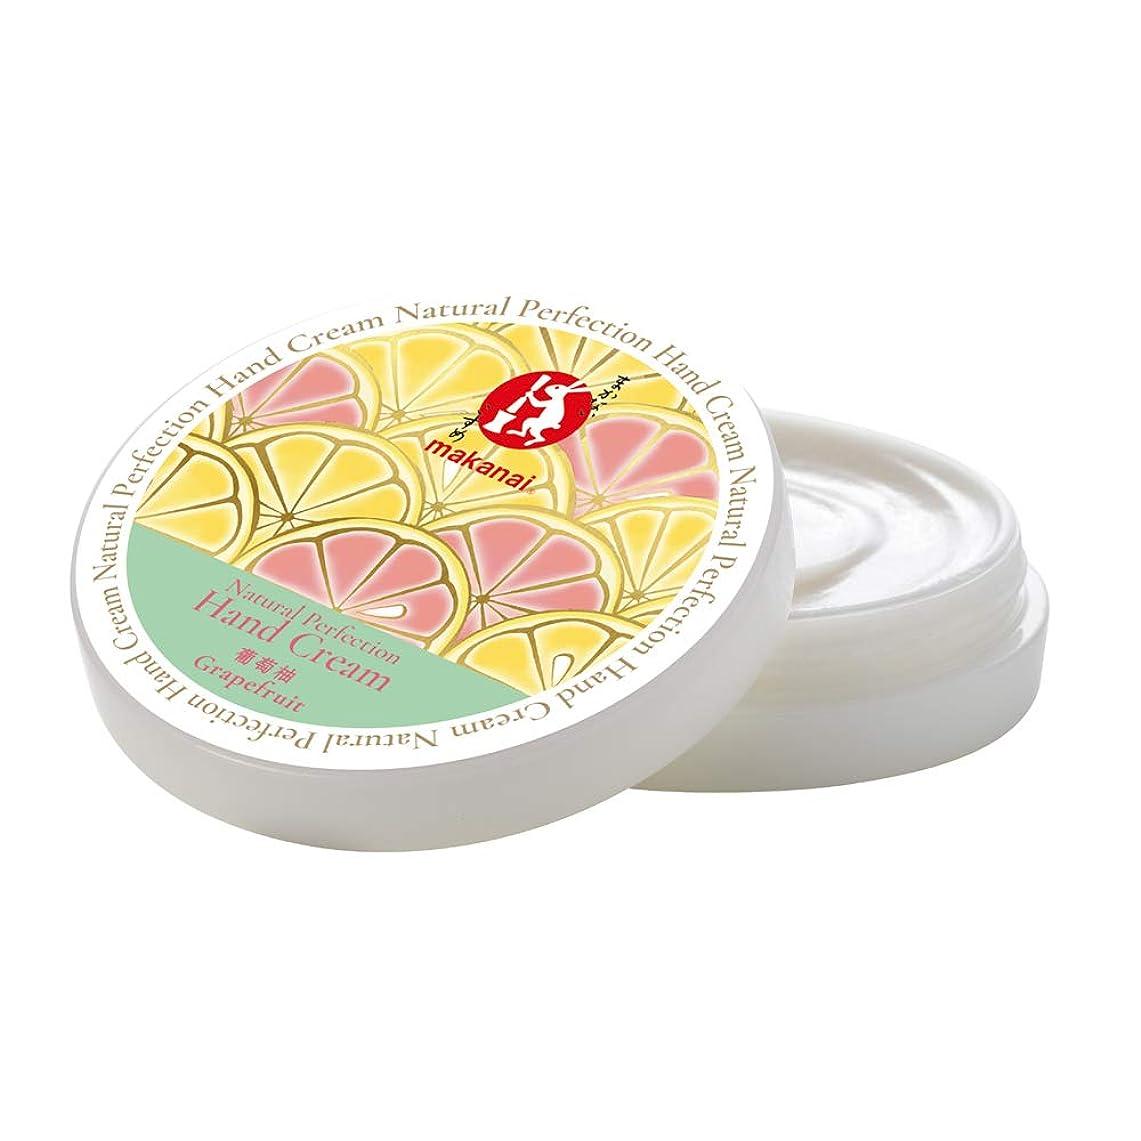 円周建築家証言まかないこすめ 絶妙レシピのハンドクリーム(葡萄柚)30g